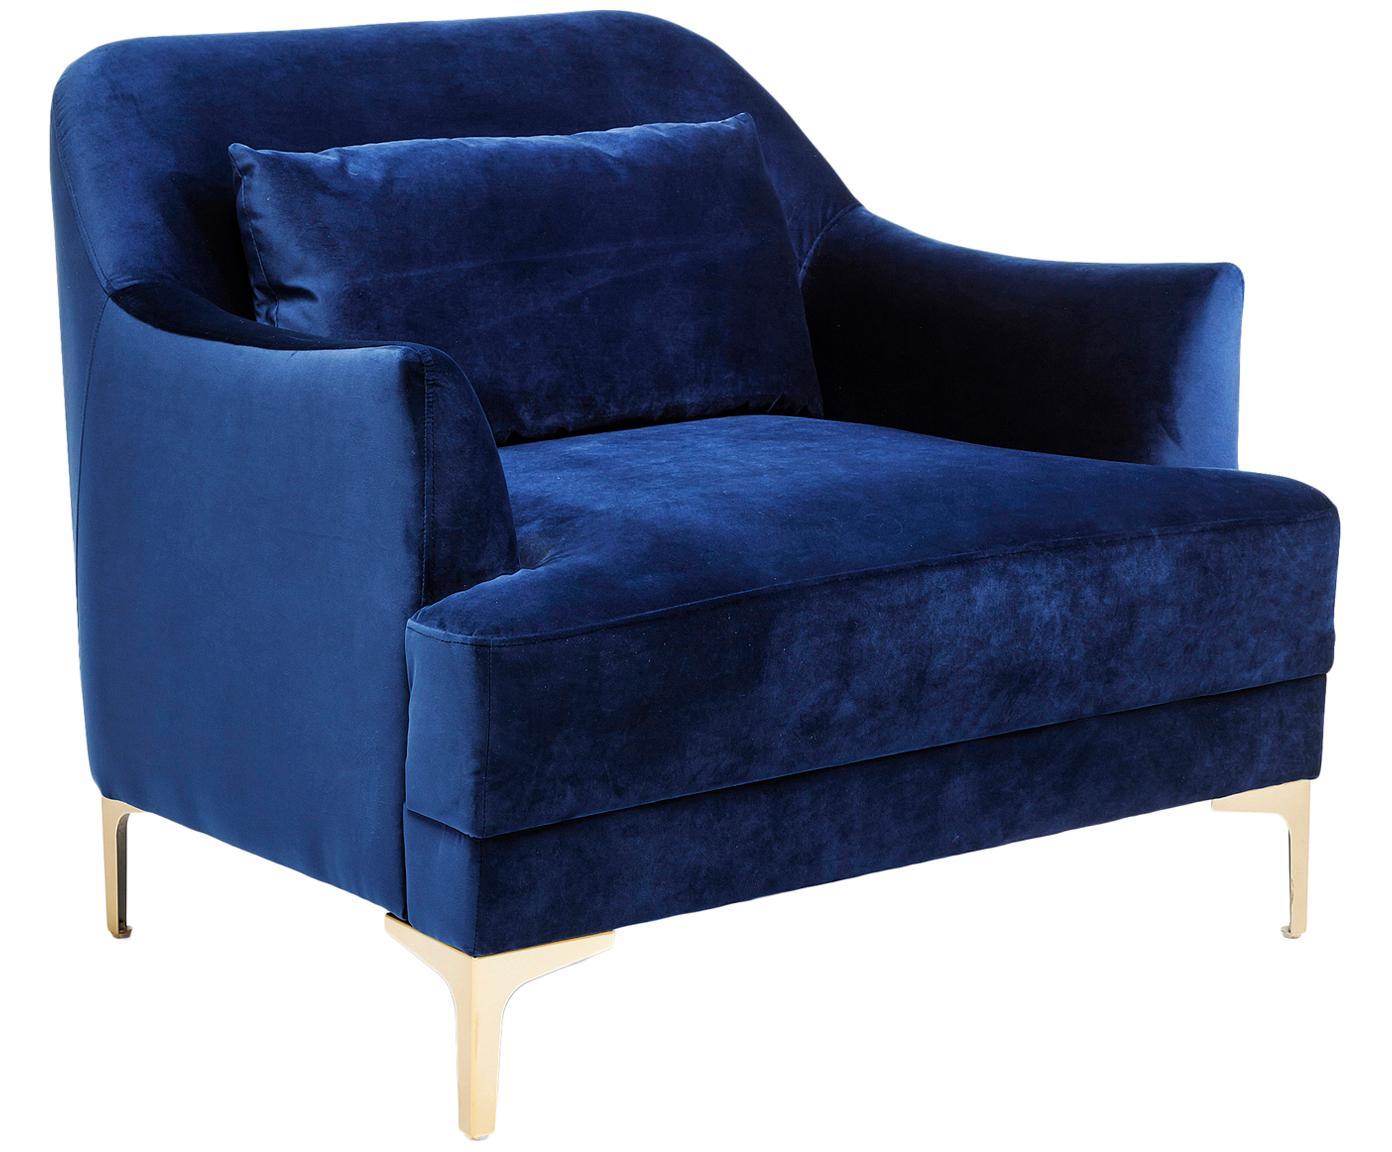 Fotel z aksamitu Proud, Tapicerka: poliester (aksamit), Nogi: metal lakierowany, Tapicerka: niebieski Nogi: odcienie złotego, S 98 x G 86 cm